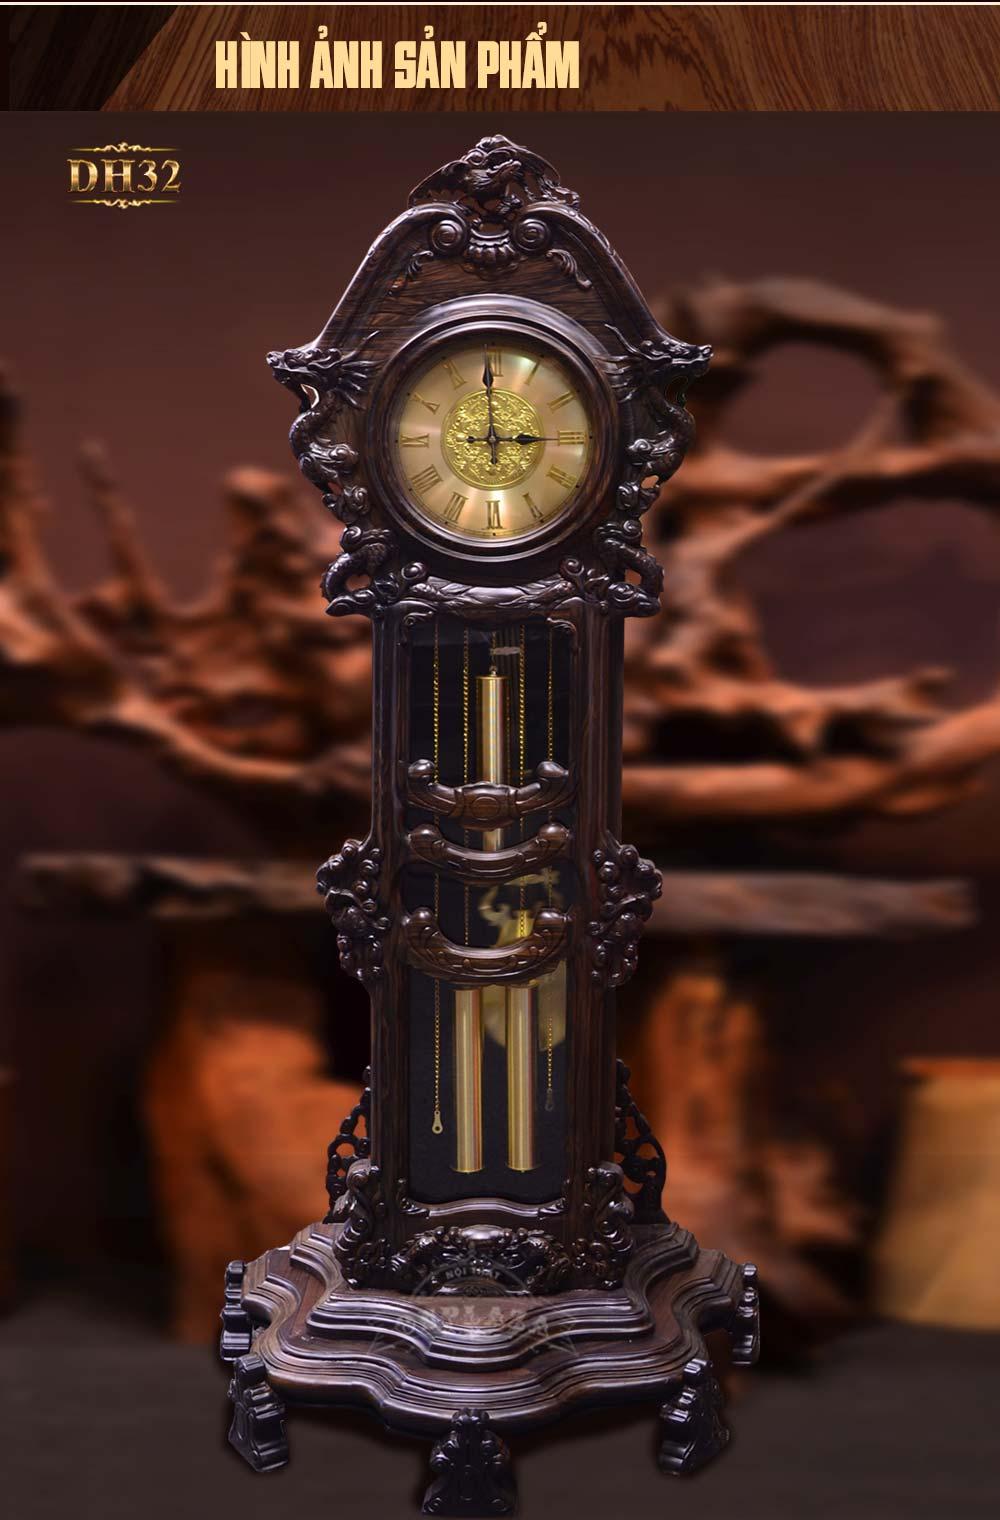 Đồng hồ cây hoa lá tây gỗ mun hoa( loại trung) DH32